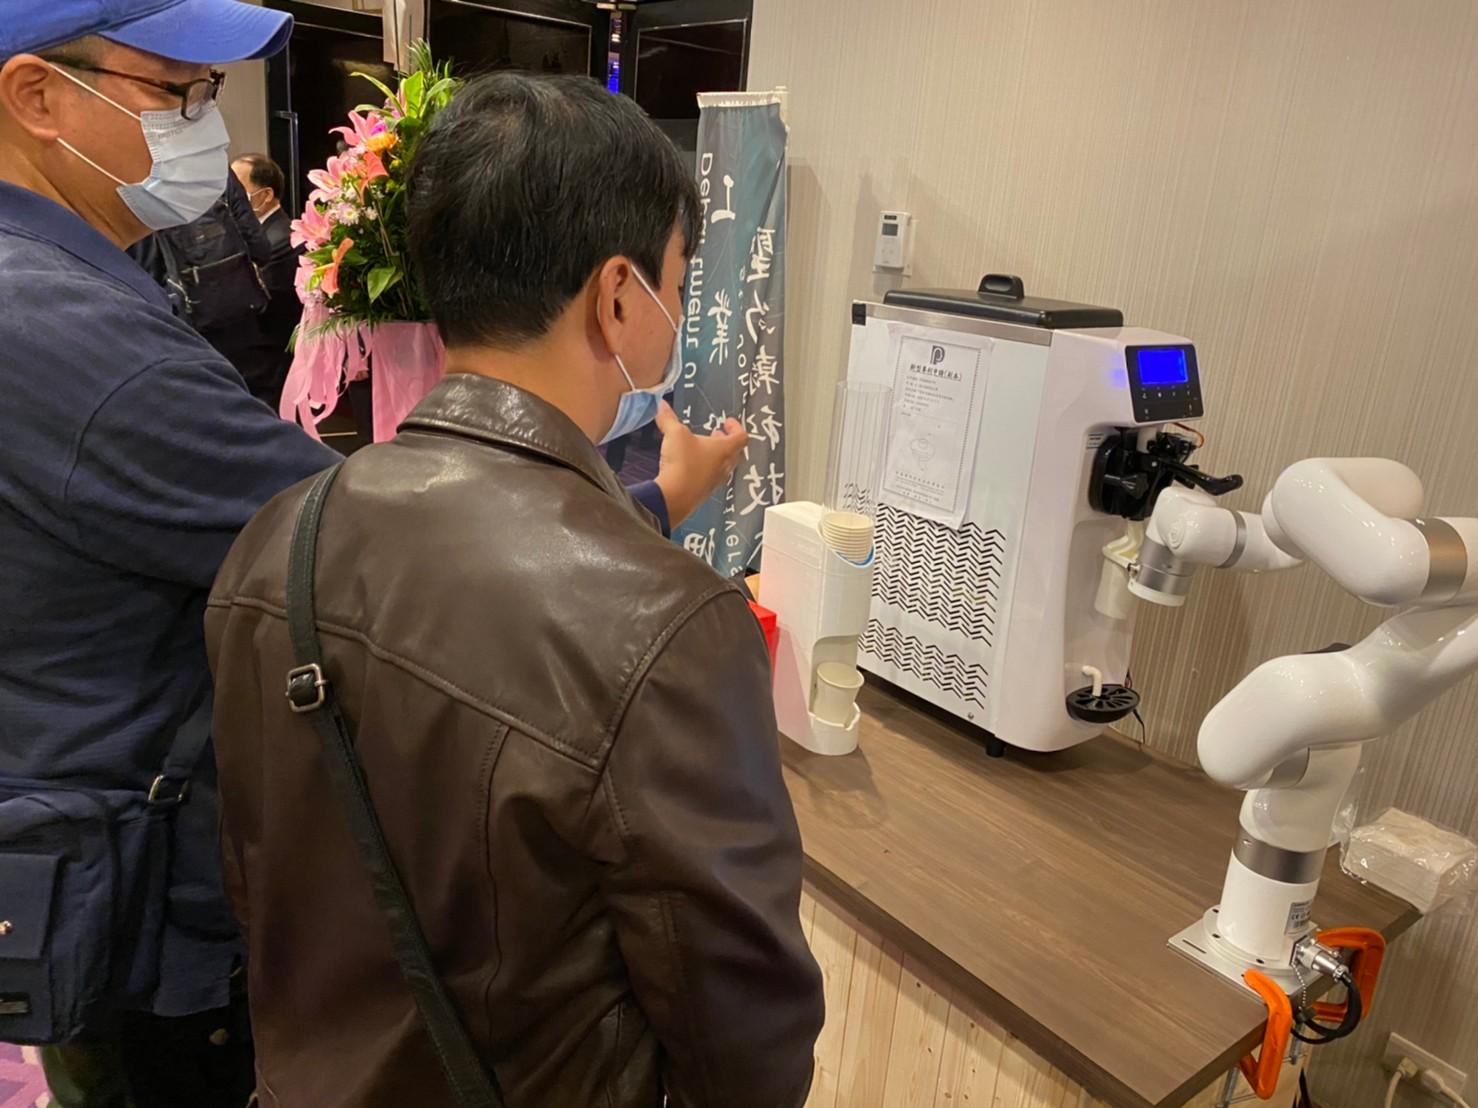 無人冰淇淋機器人-2